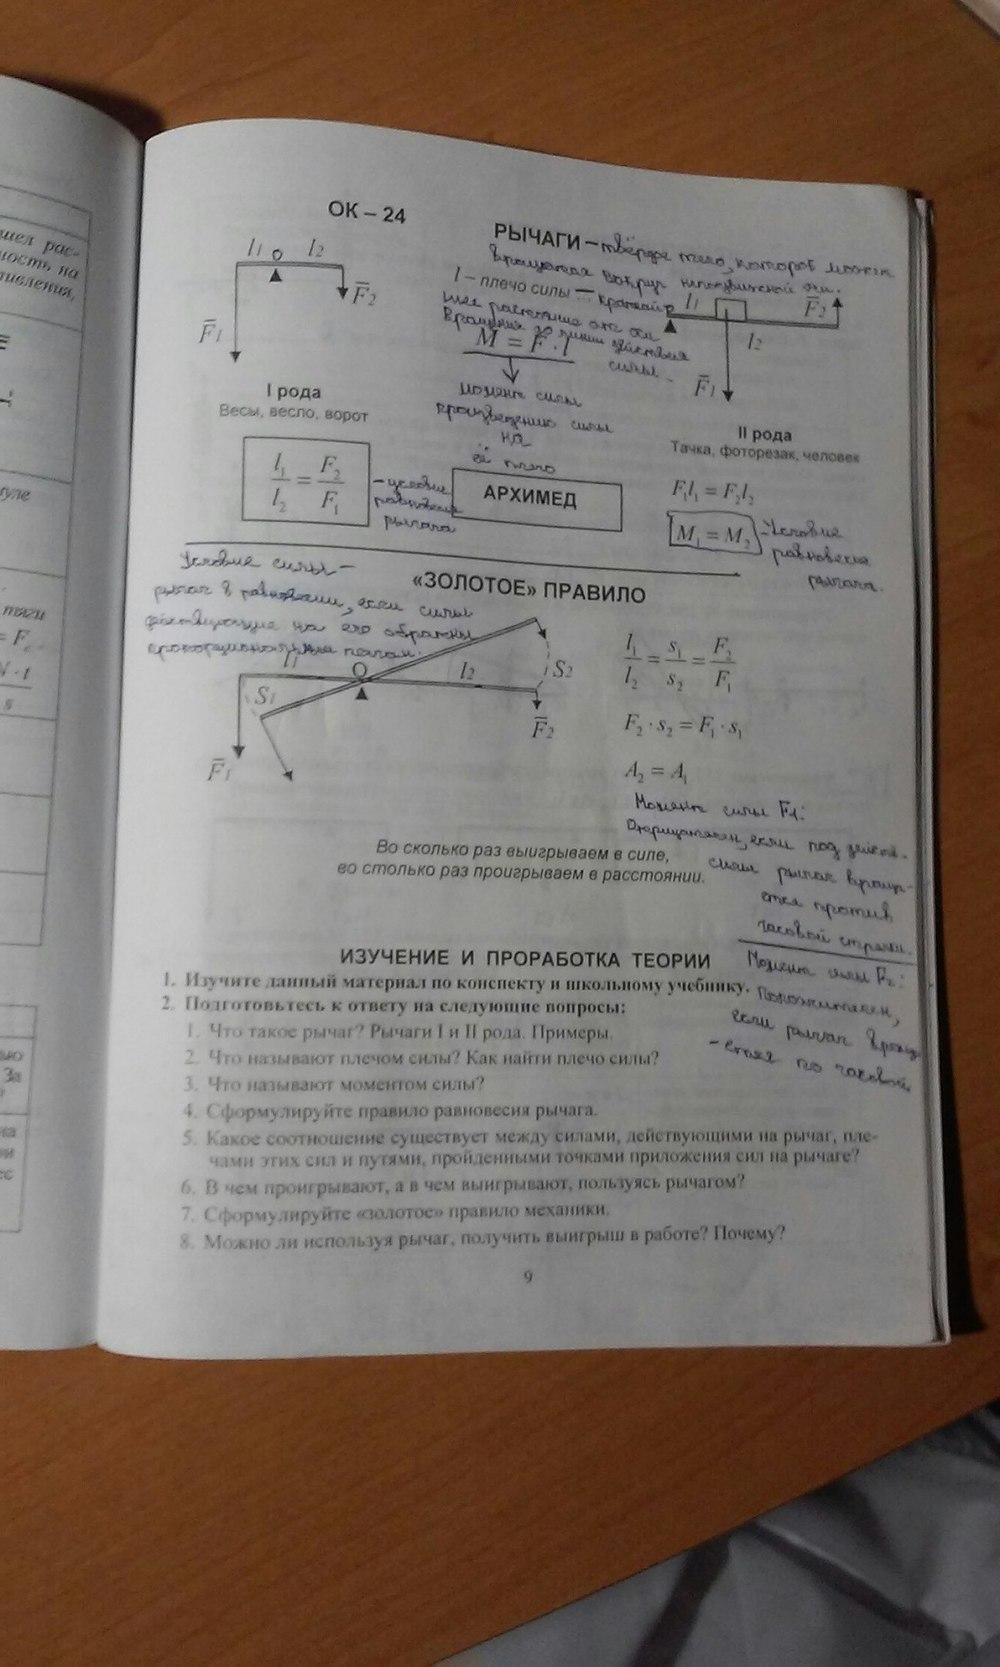 лифарь тетради 2 гдз часть рабочей по по класс 7 физике